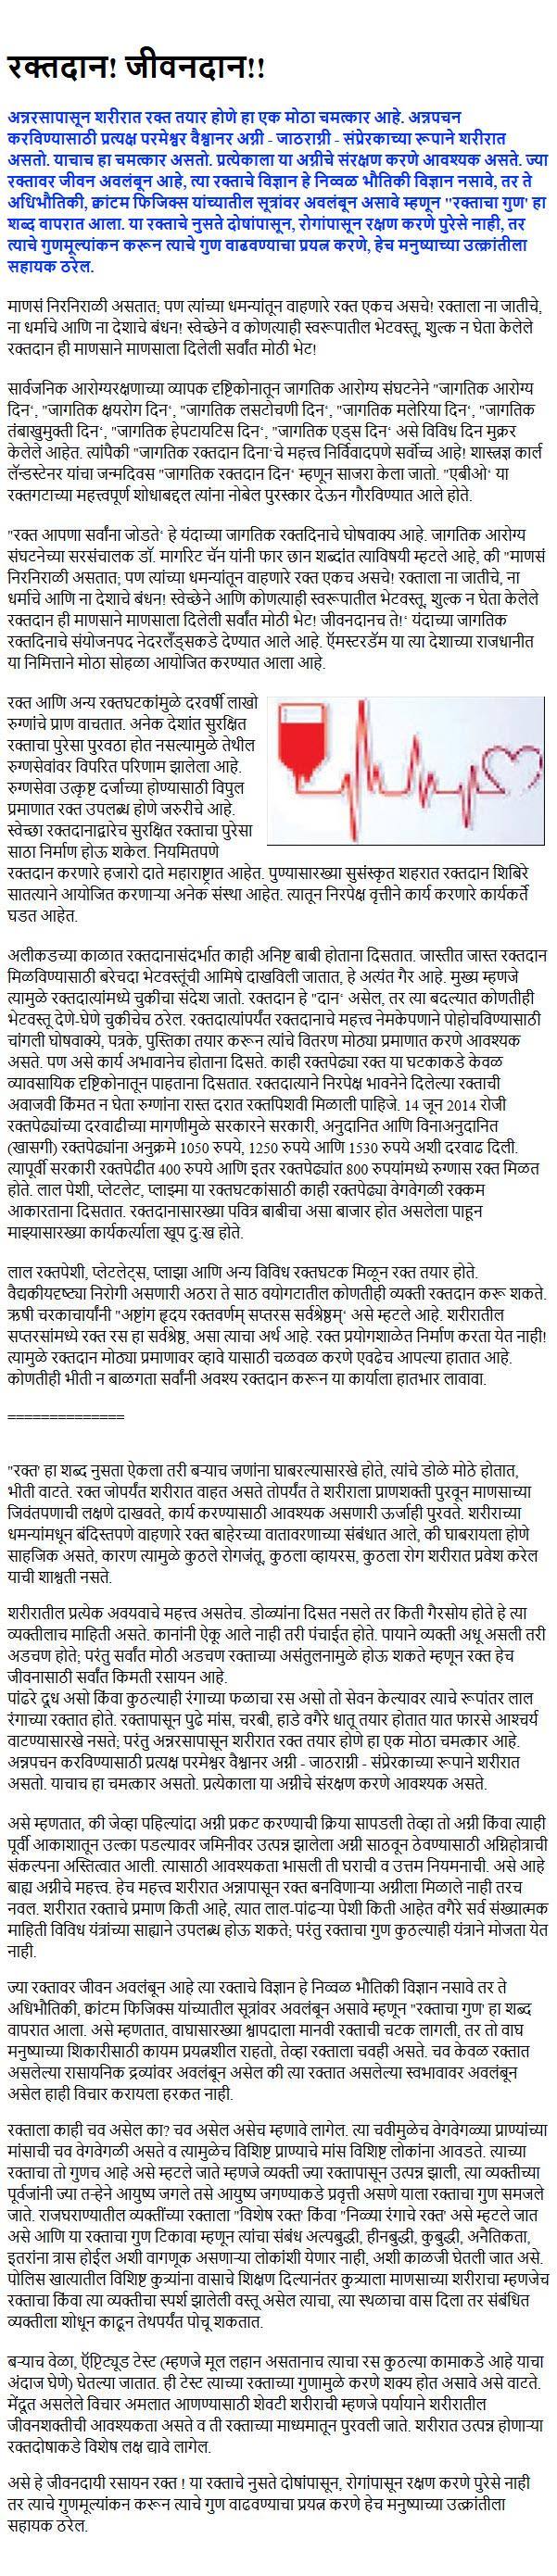 rakt daan essay in marathi complete hindu gods and godesses rakt daan essay in marathi complete hindu gods and godesses chalisa mantras stotras collection complete hindu gods and godesses chalisa mantras